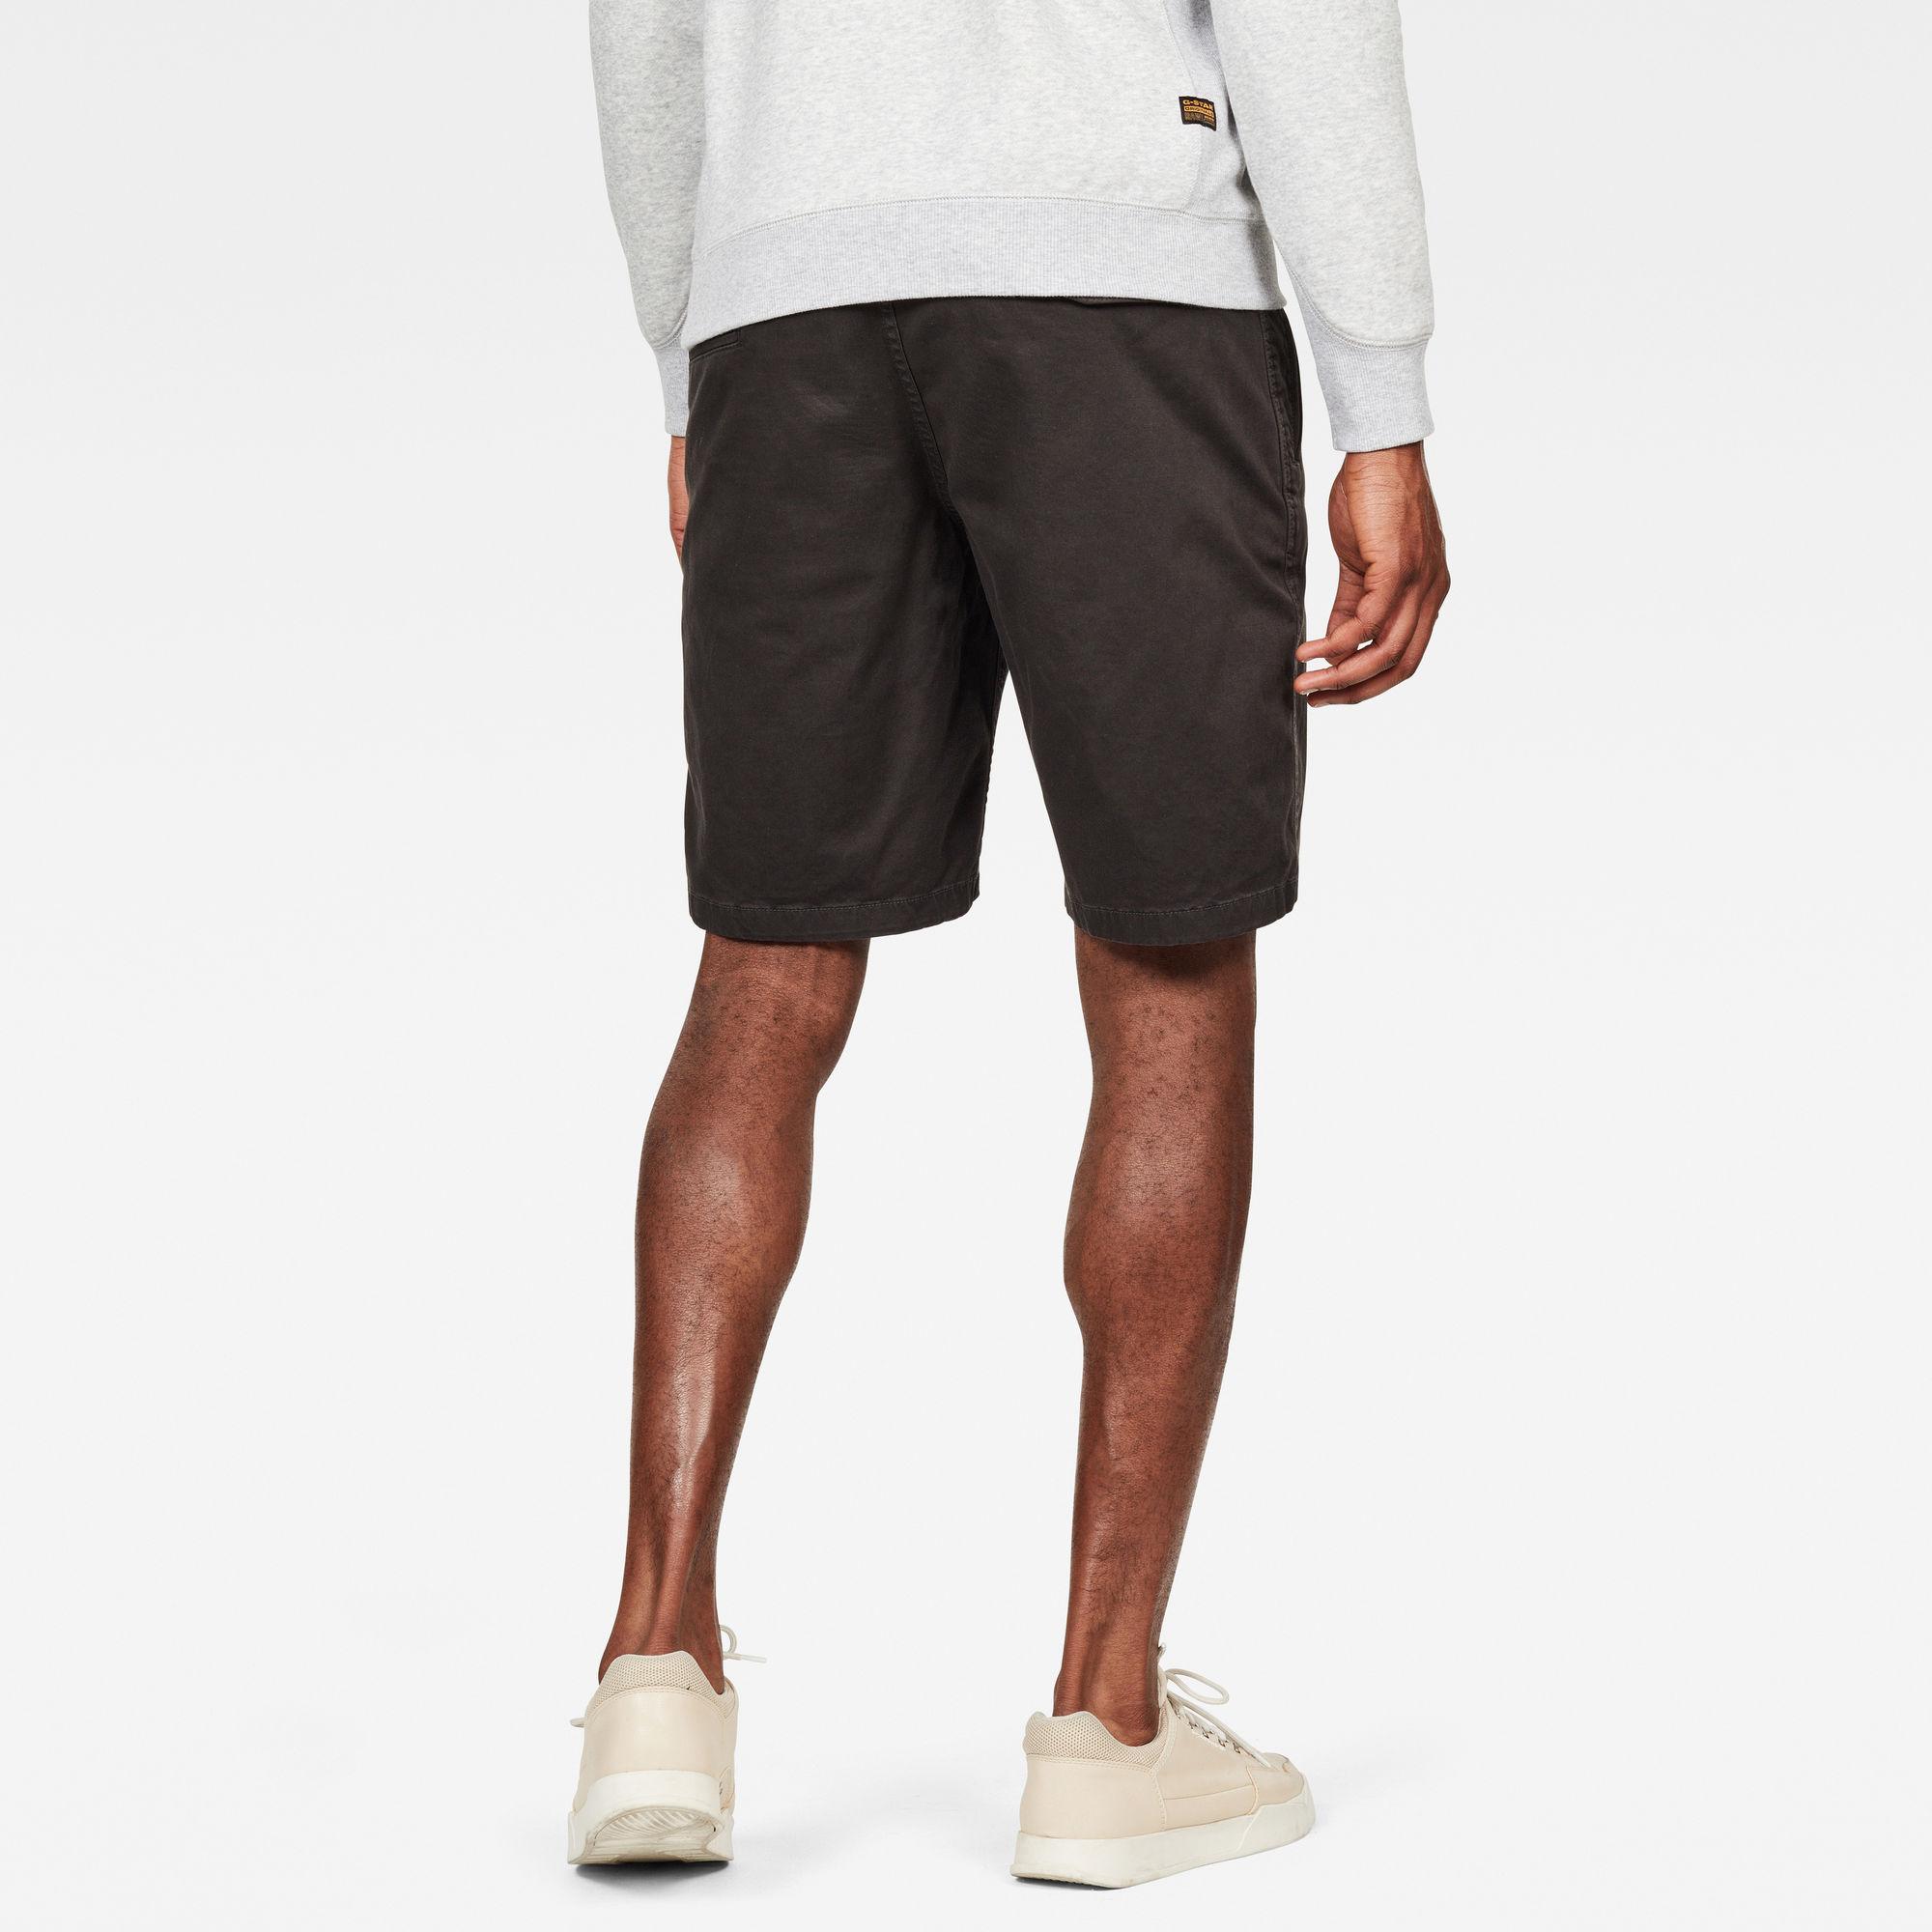 G-Star RAW Chino Trainer Shorts